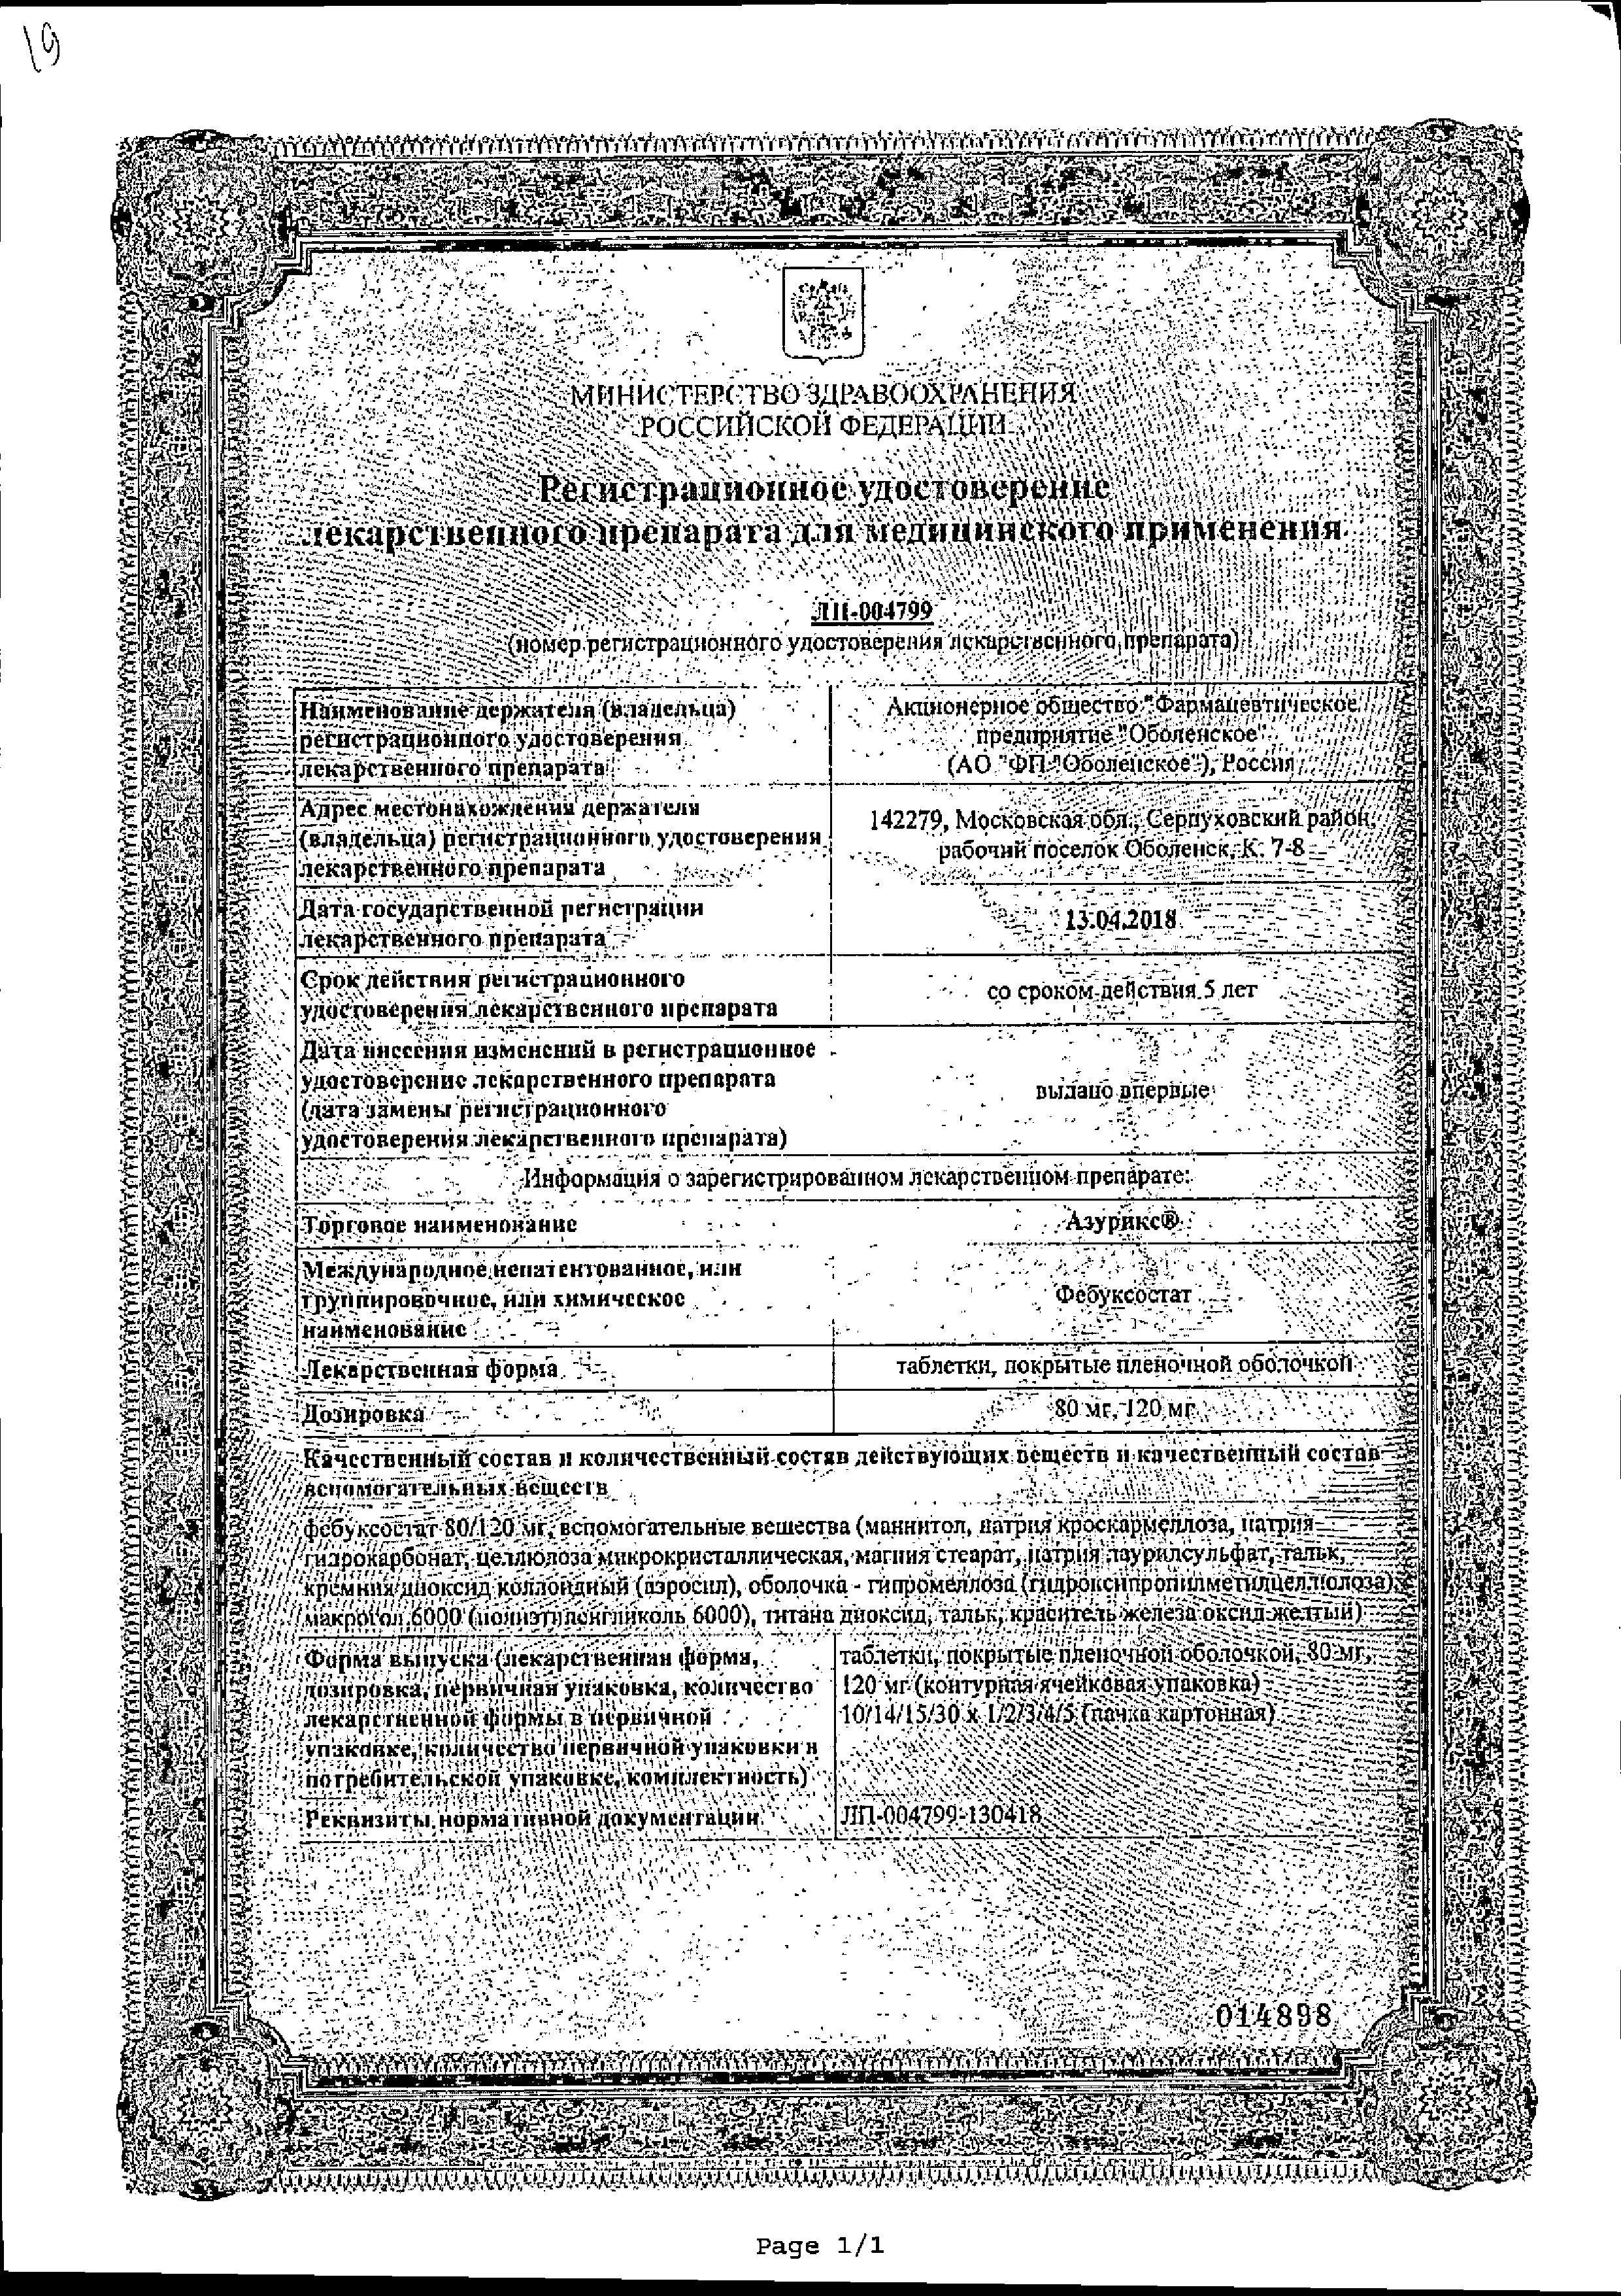 Азурикс сертификат